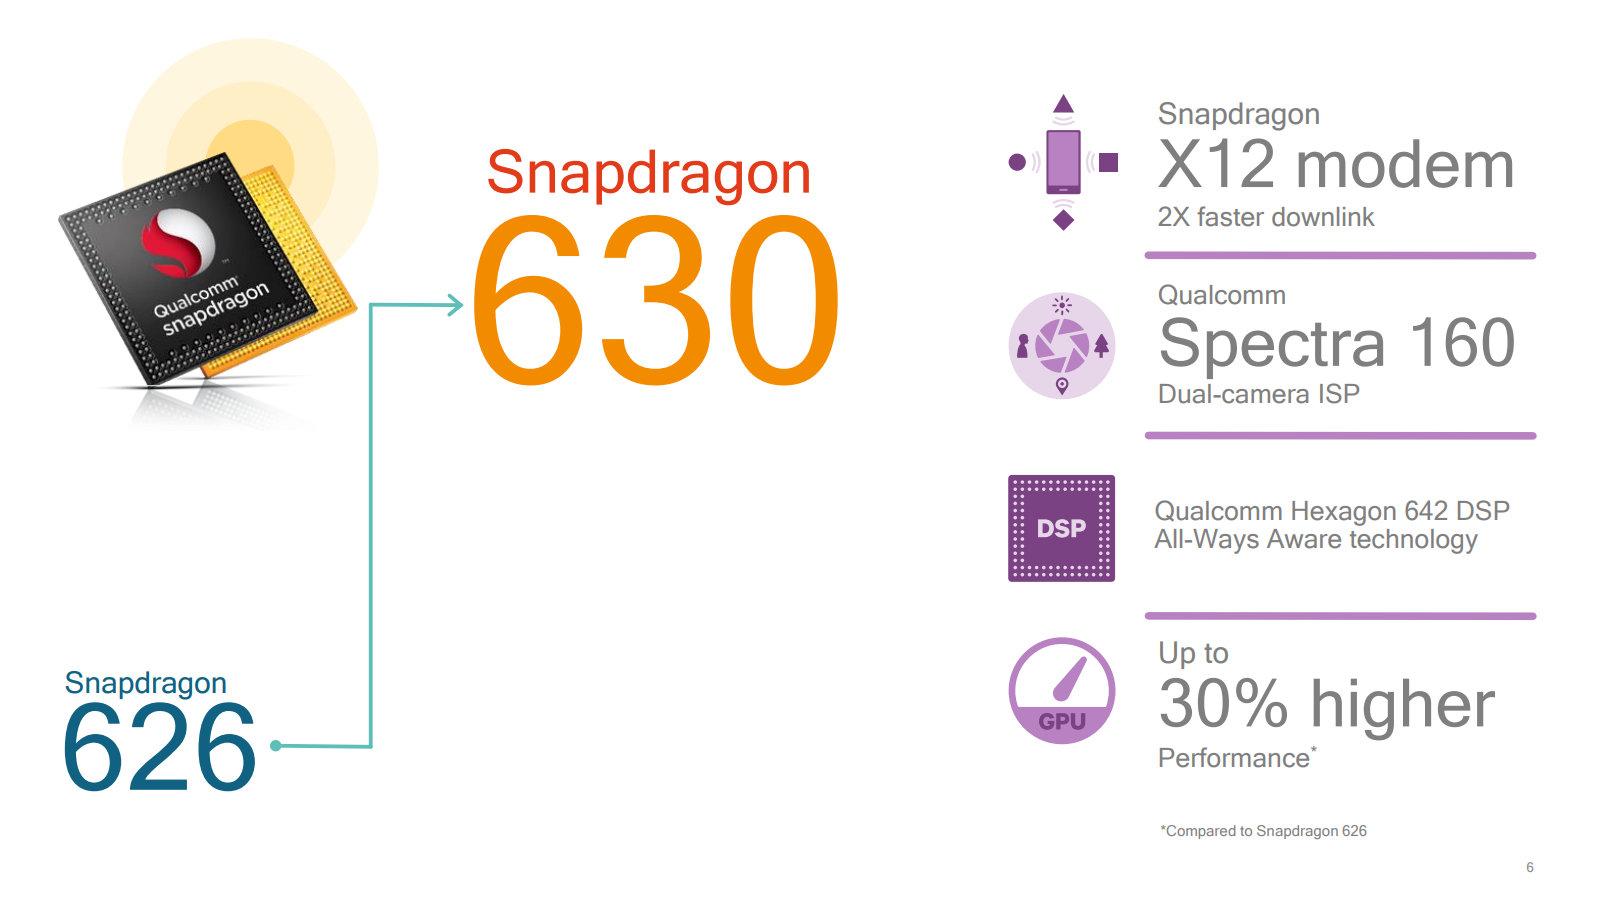 Neues Modem, neuer ISP und mehr Leistung im Snapdragon 630